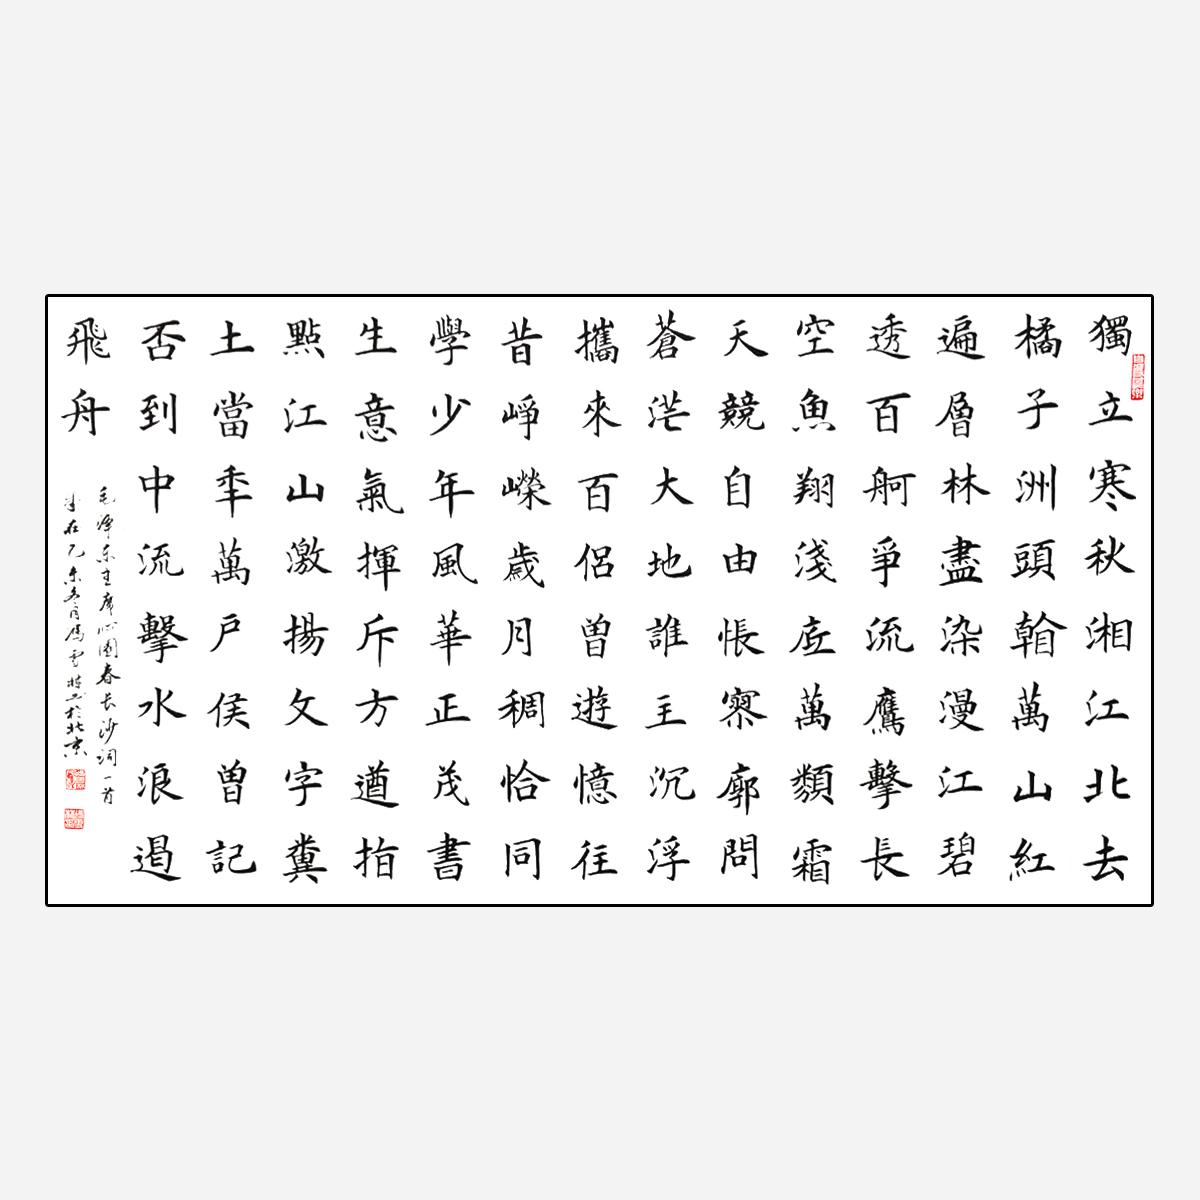 冯雪林红色书法作品 毛主席名篇《沁园春・长沙》长幅楷书字画